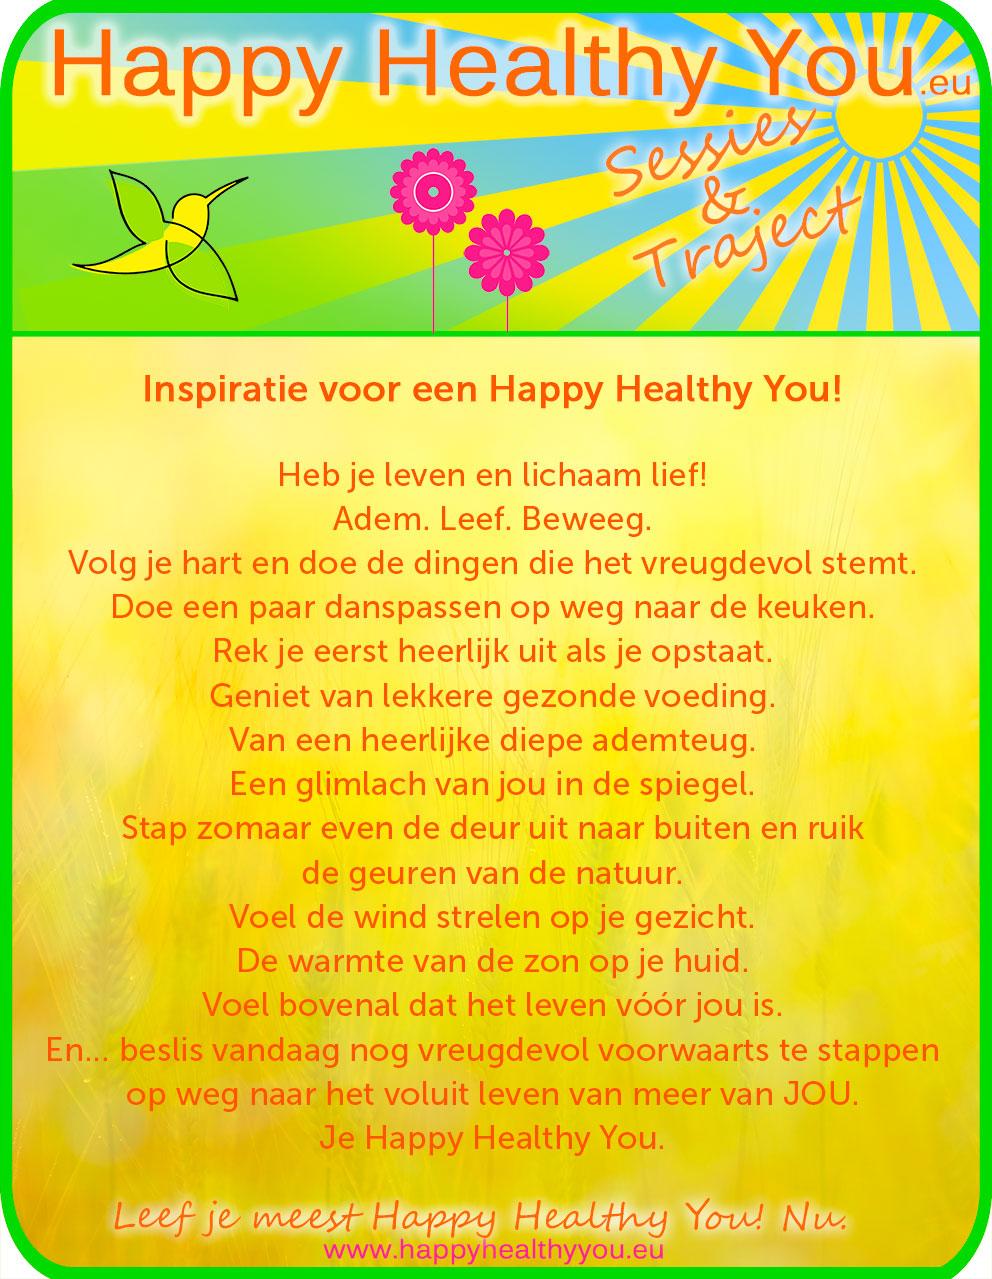 Inspiratie voor een Happy Healthy You